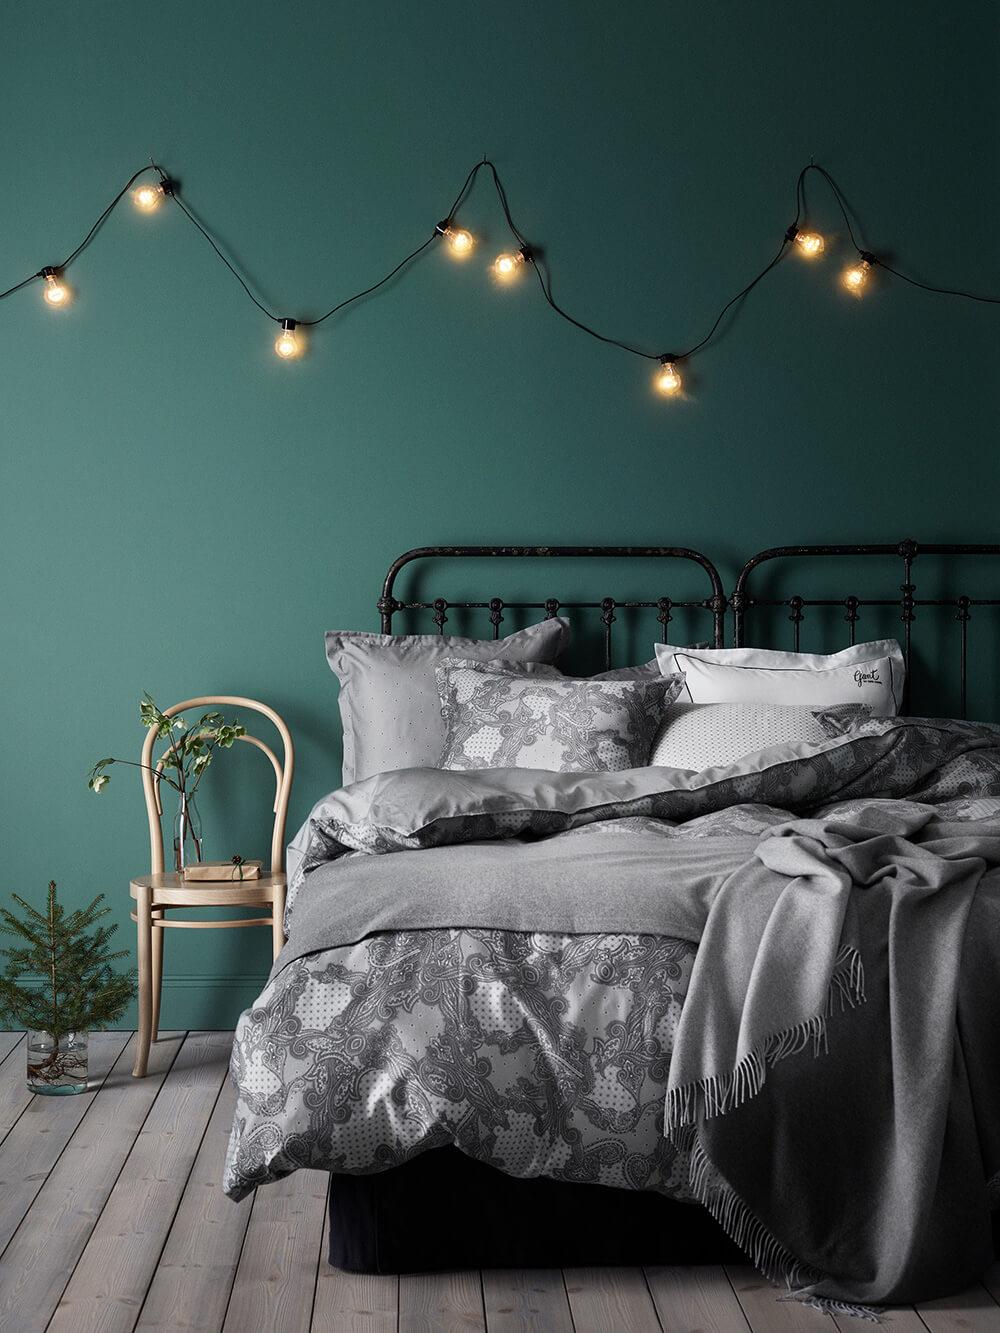 décoration d'intérieur - chambre verte, la nouvelle tendance - holborn